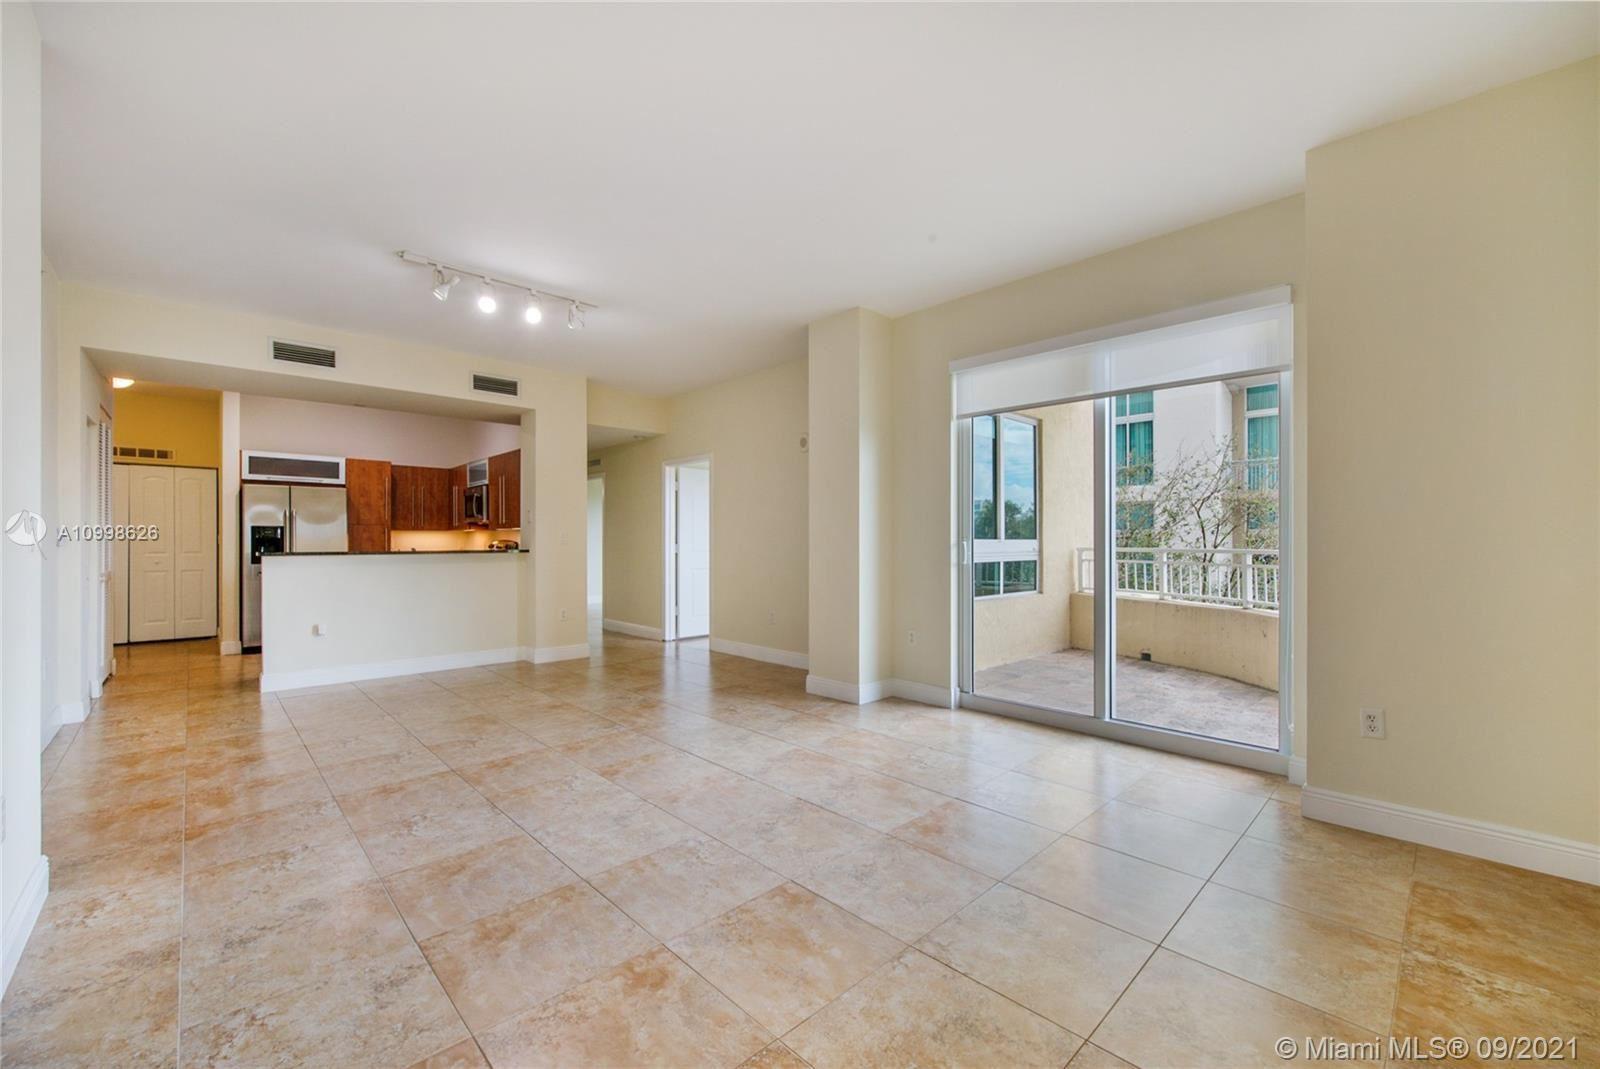 7350 SW 89th St #306S, Miami, FL 33156 - #: A10998626